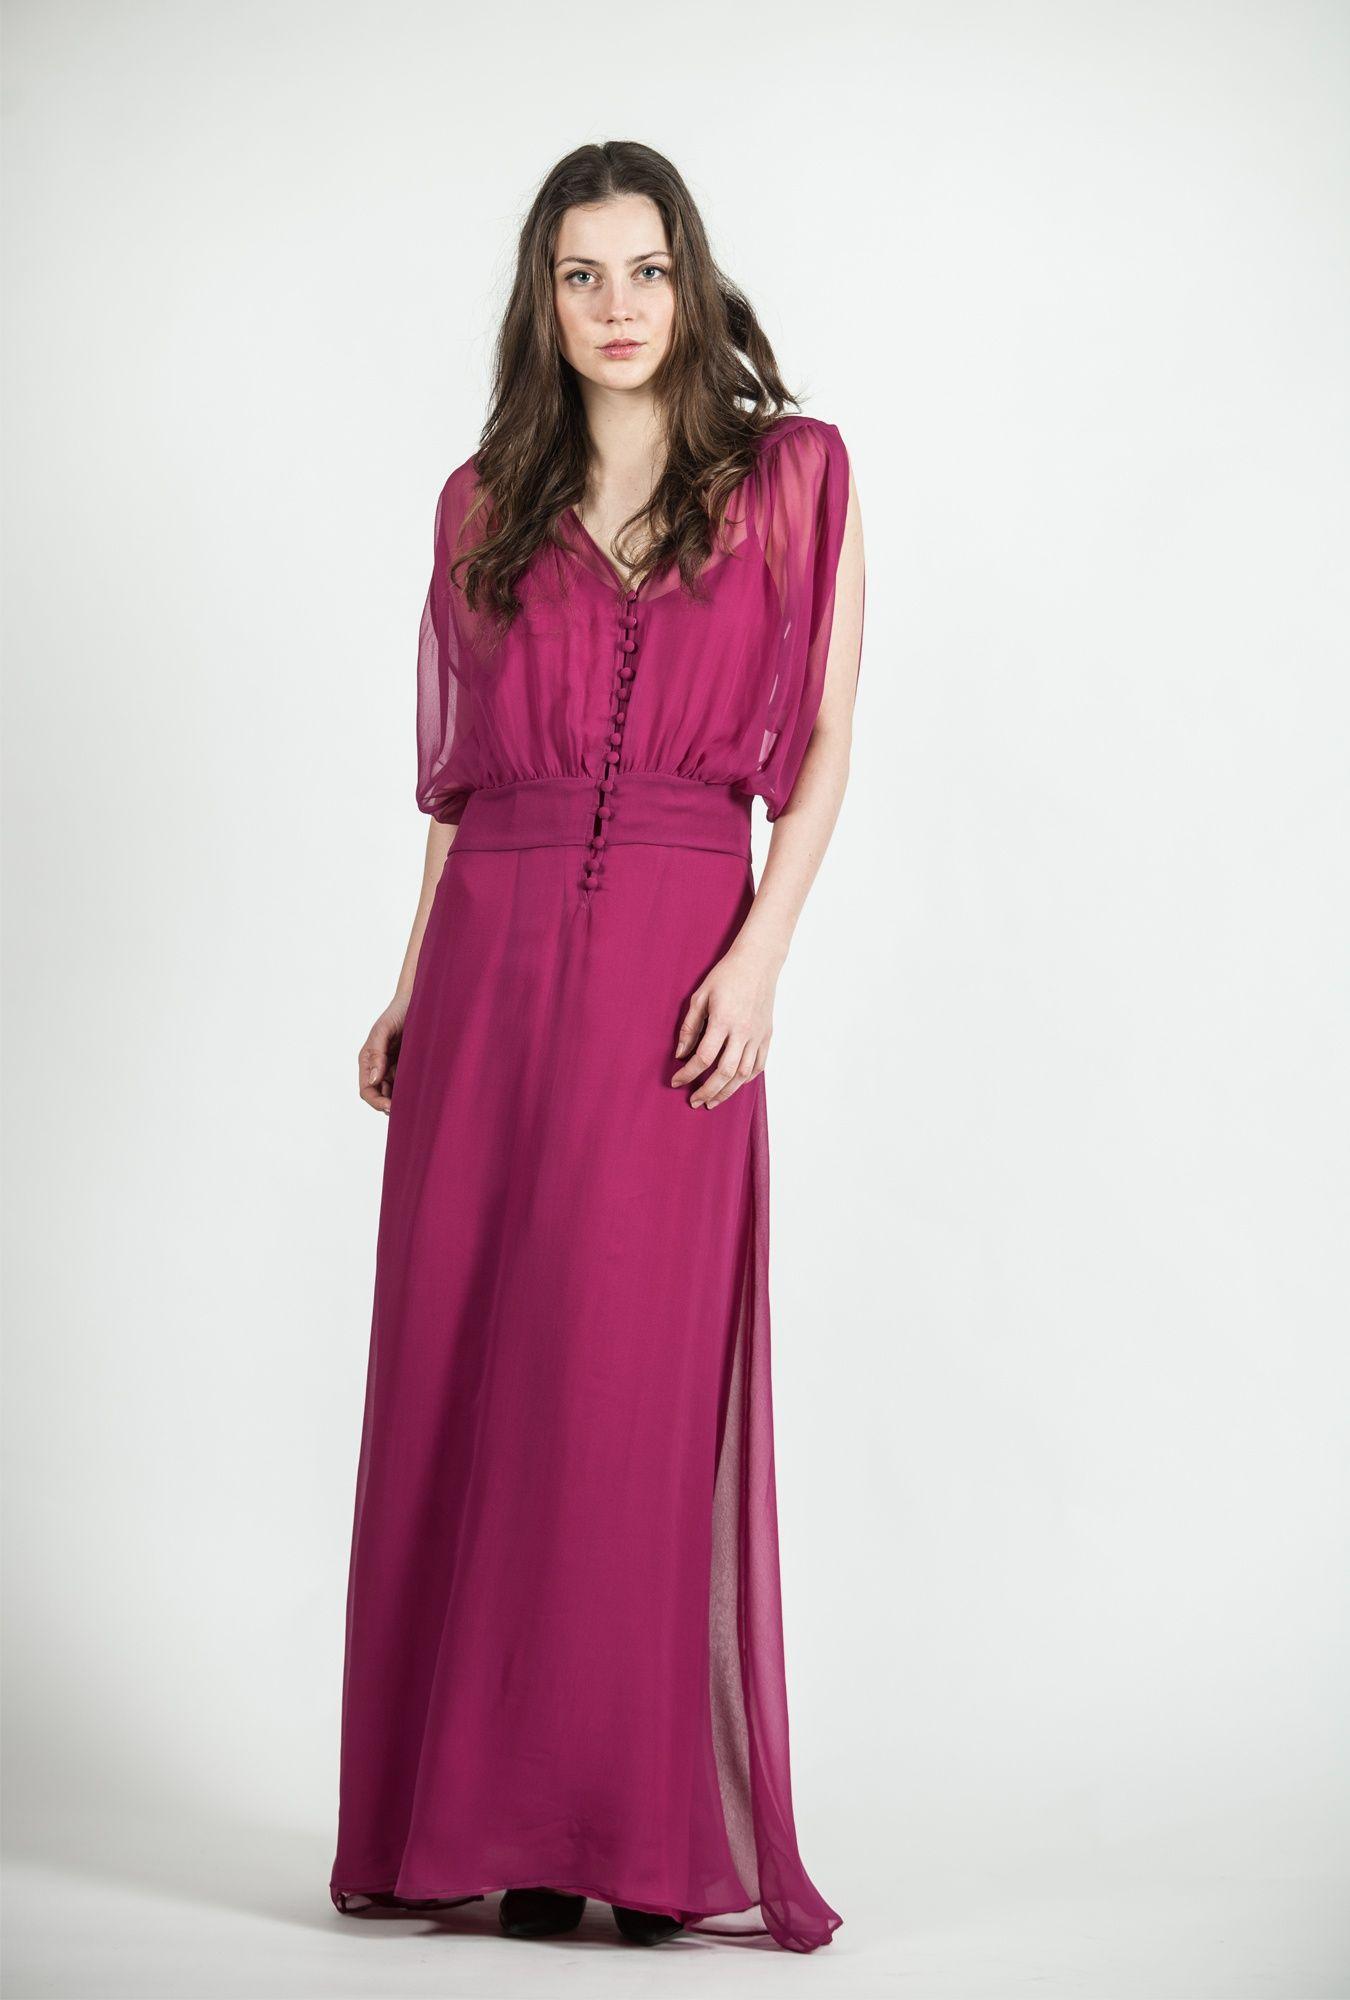 Vestido largo estilo romantico | Sayan | Ropa para dama y ...